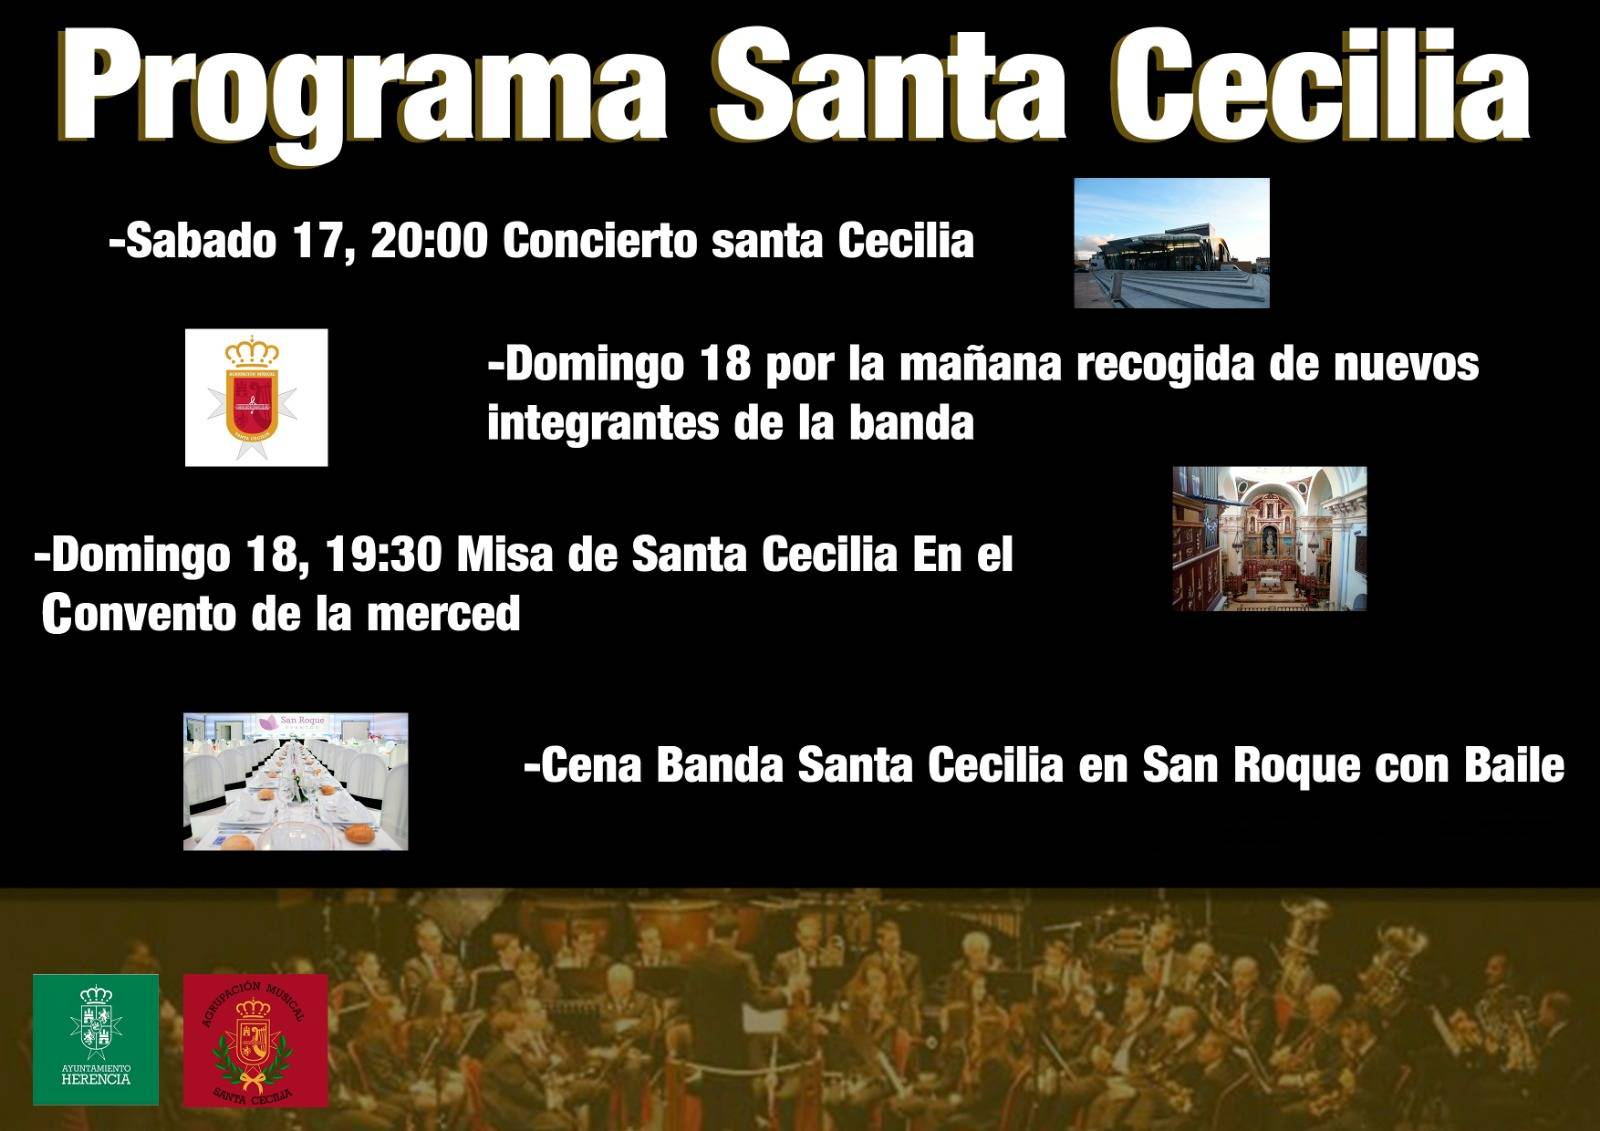 Concierto y actos en honor a Santa Cecilia 9